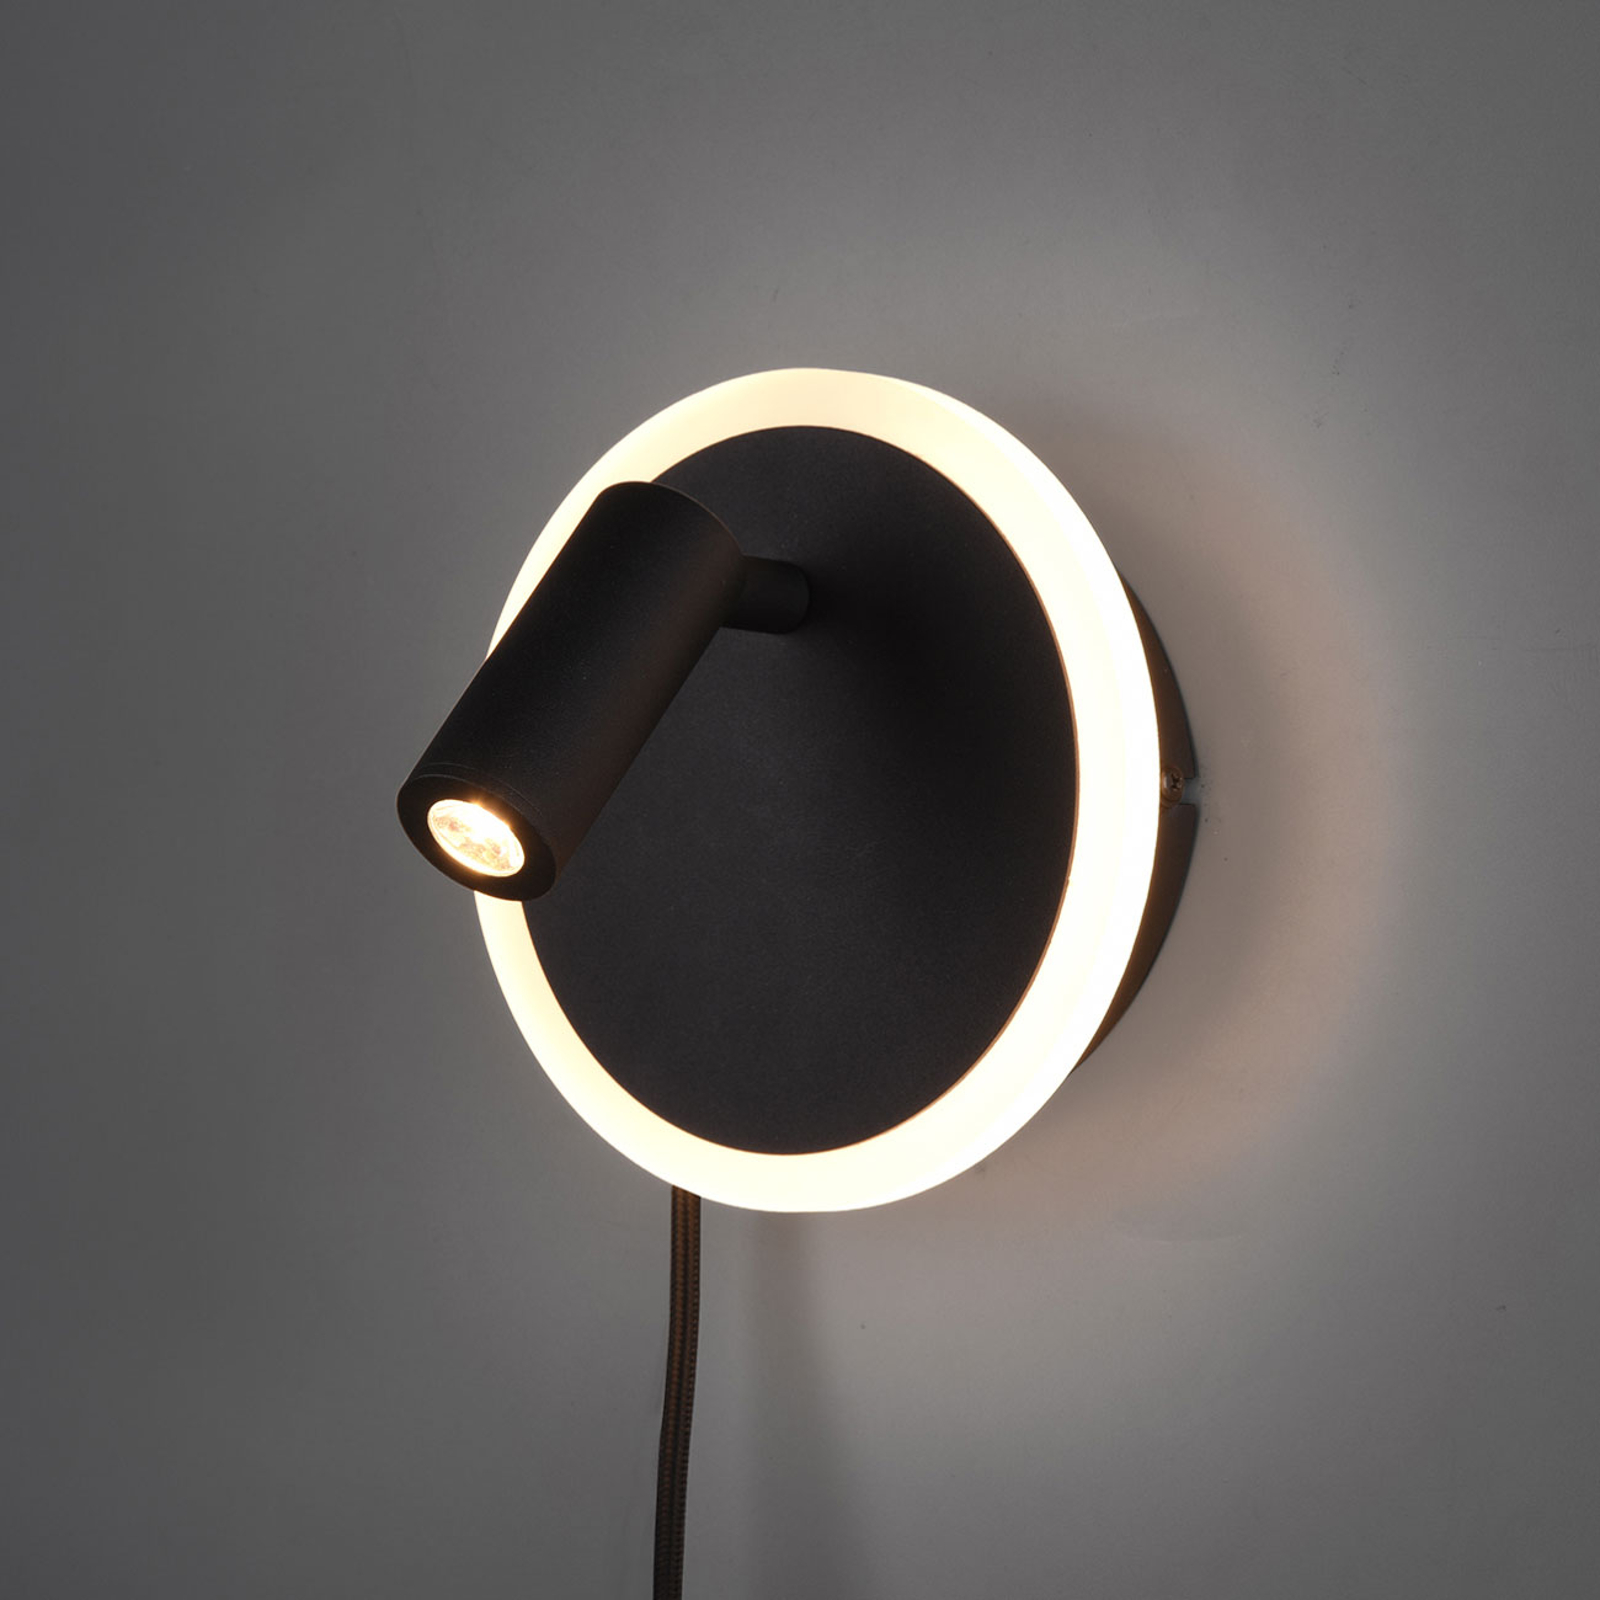 Nástěnné LED světlo Jordan, dvě žárovky, černé